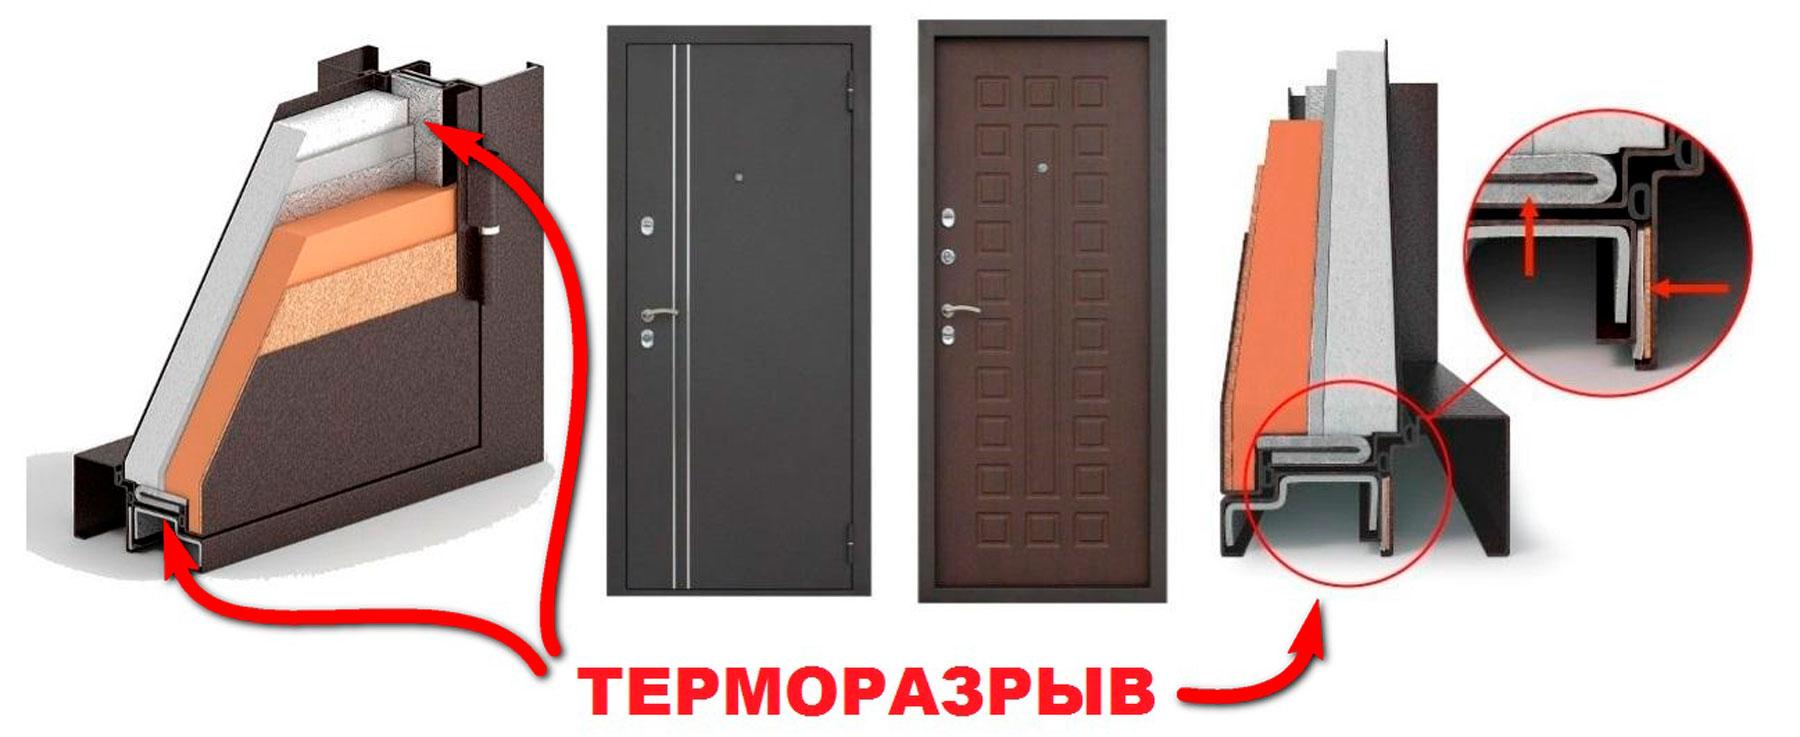 Схема конструкции двери с терморазрывом